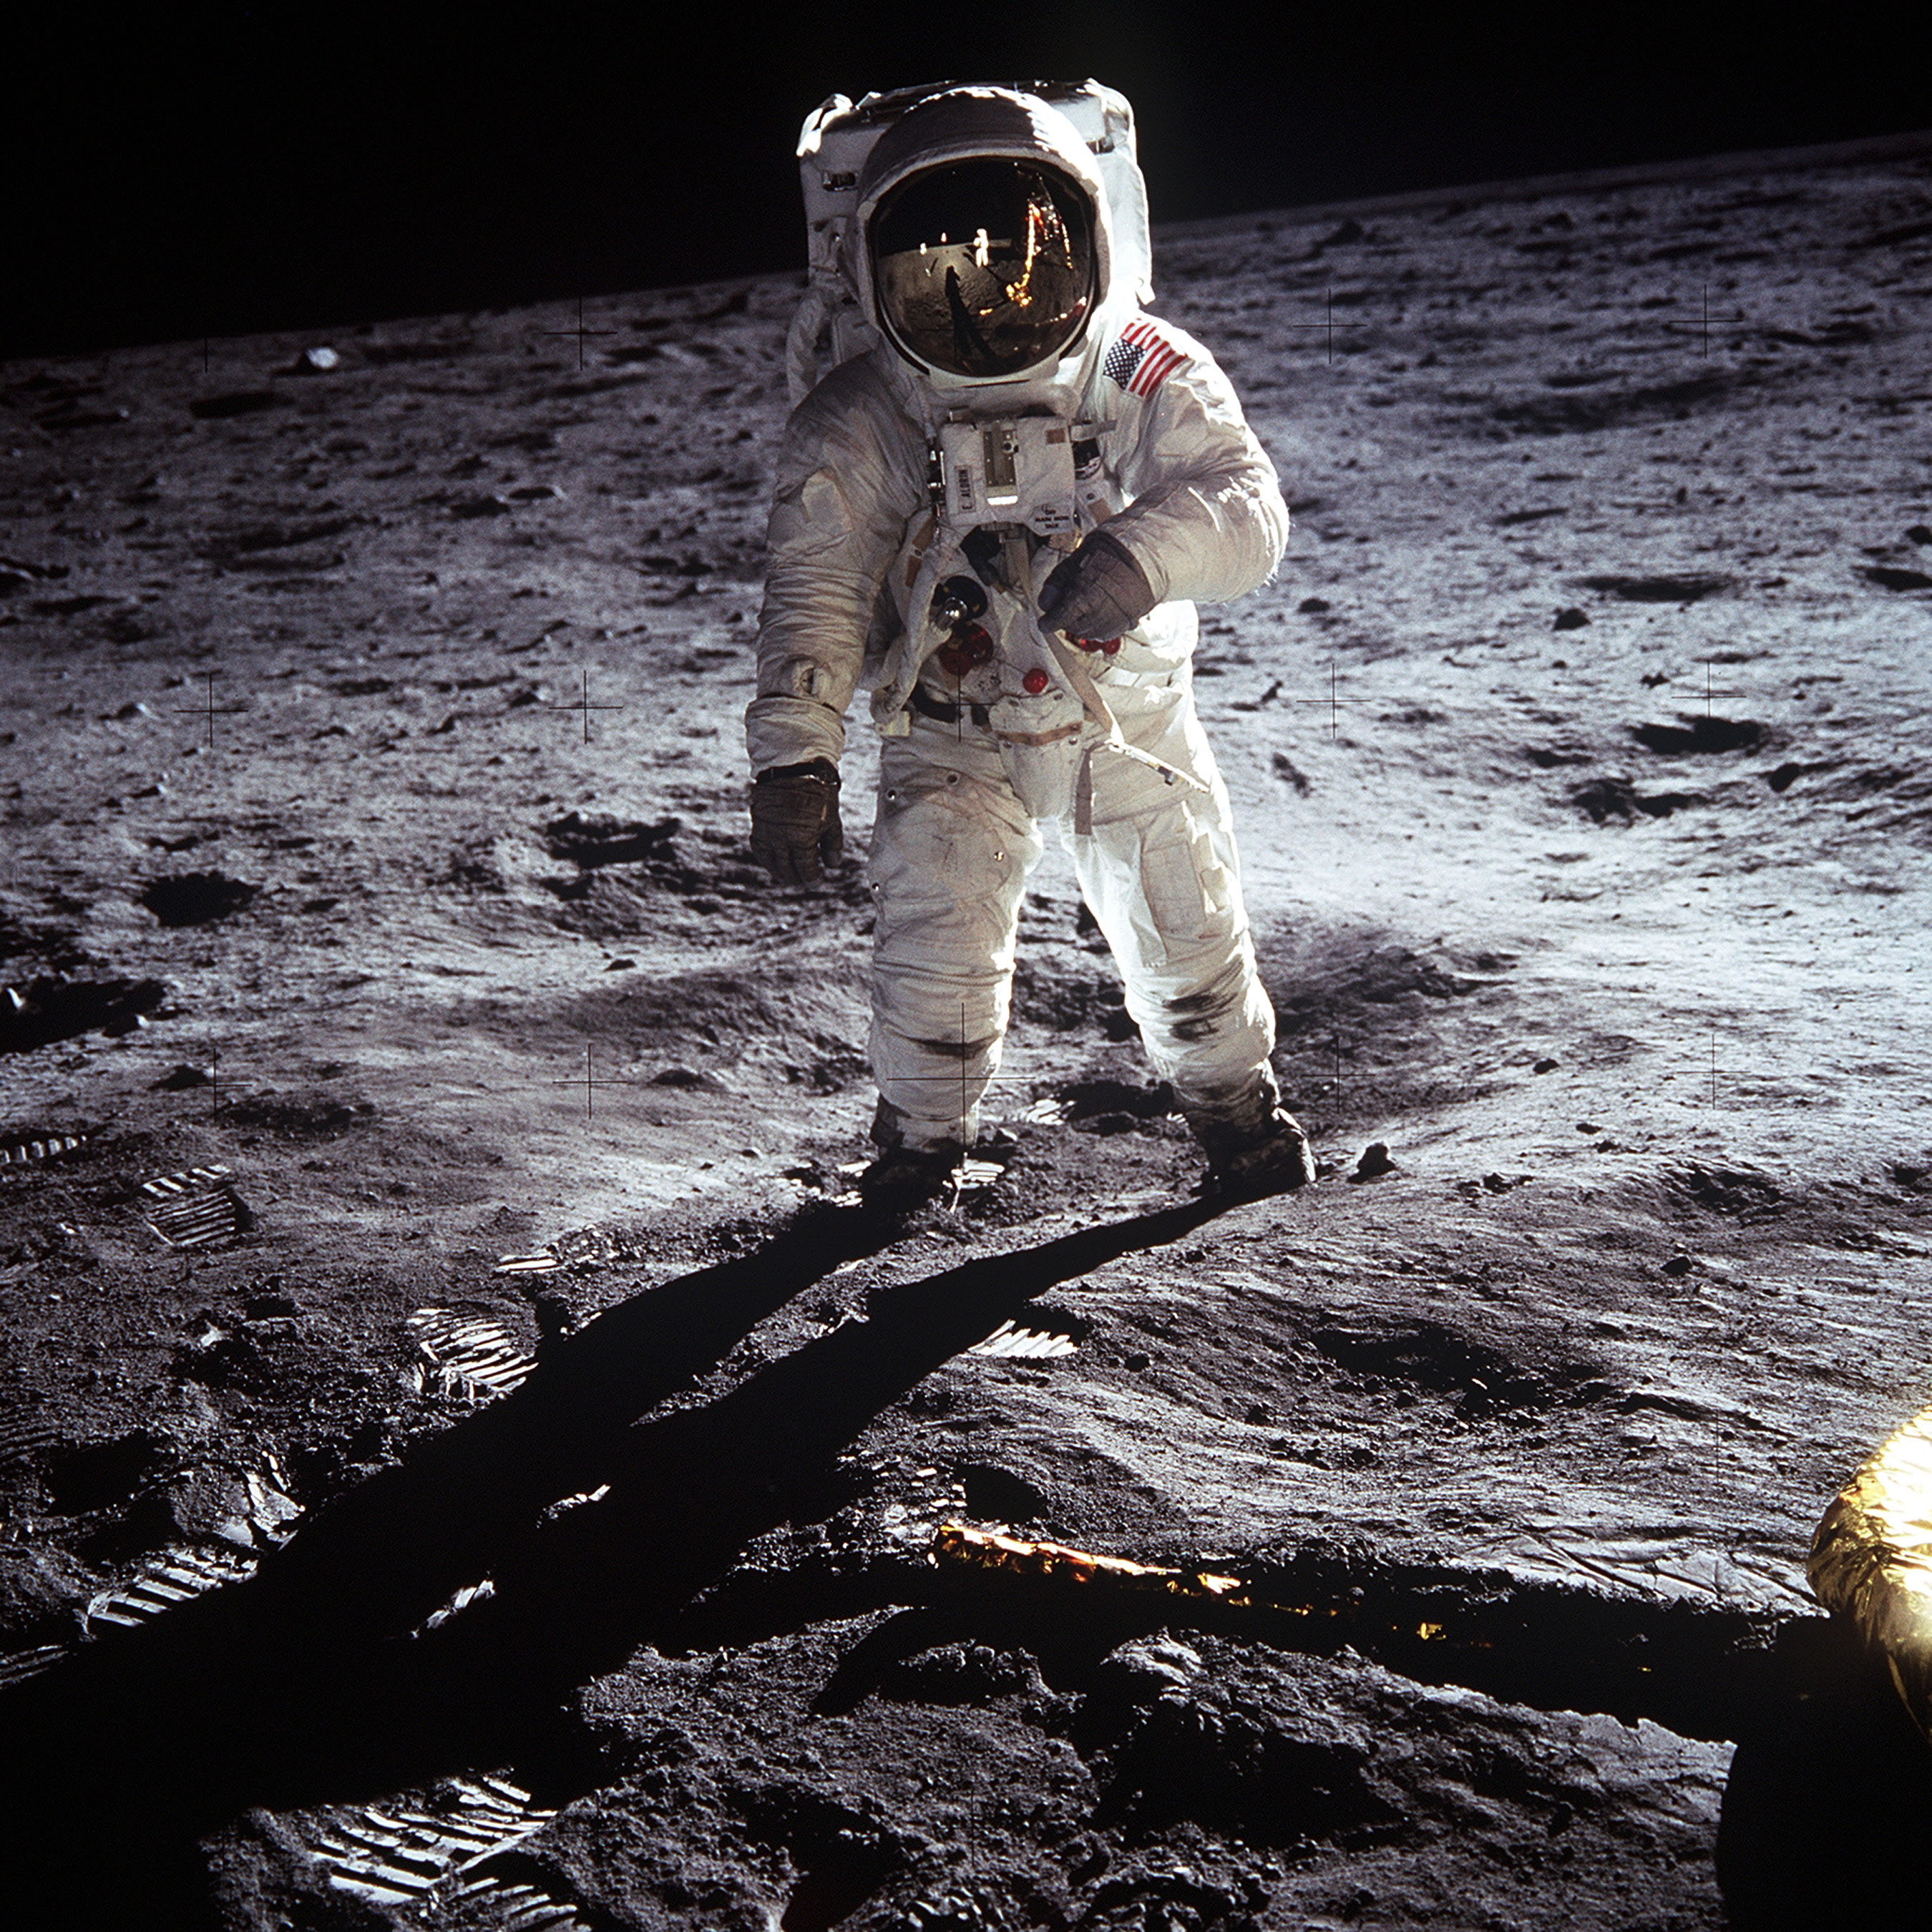 buzz aldrin over the moon